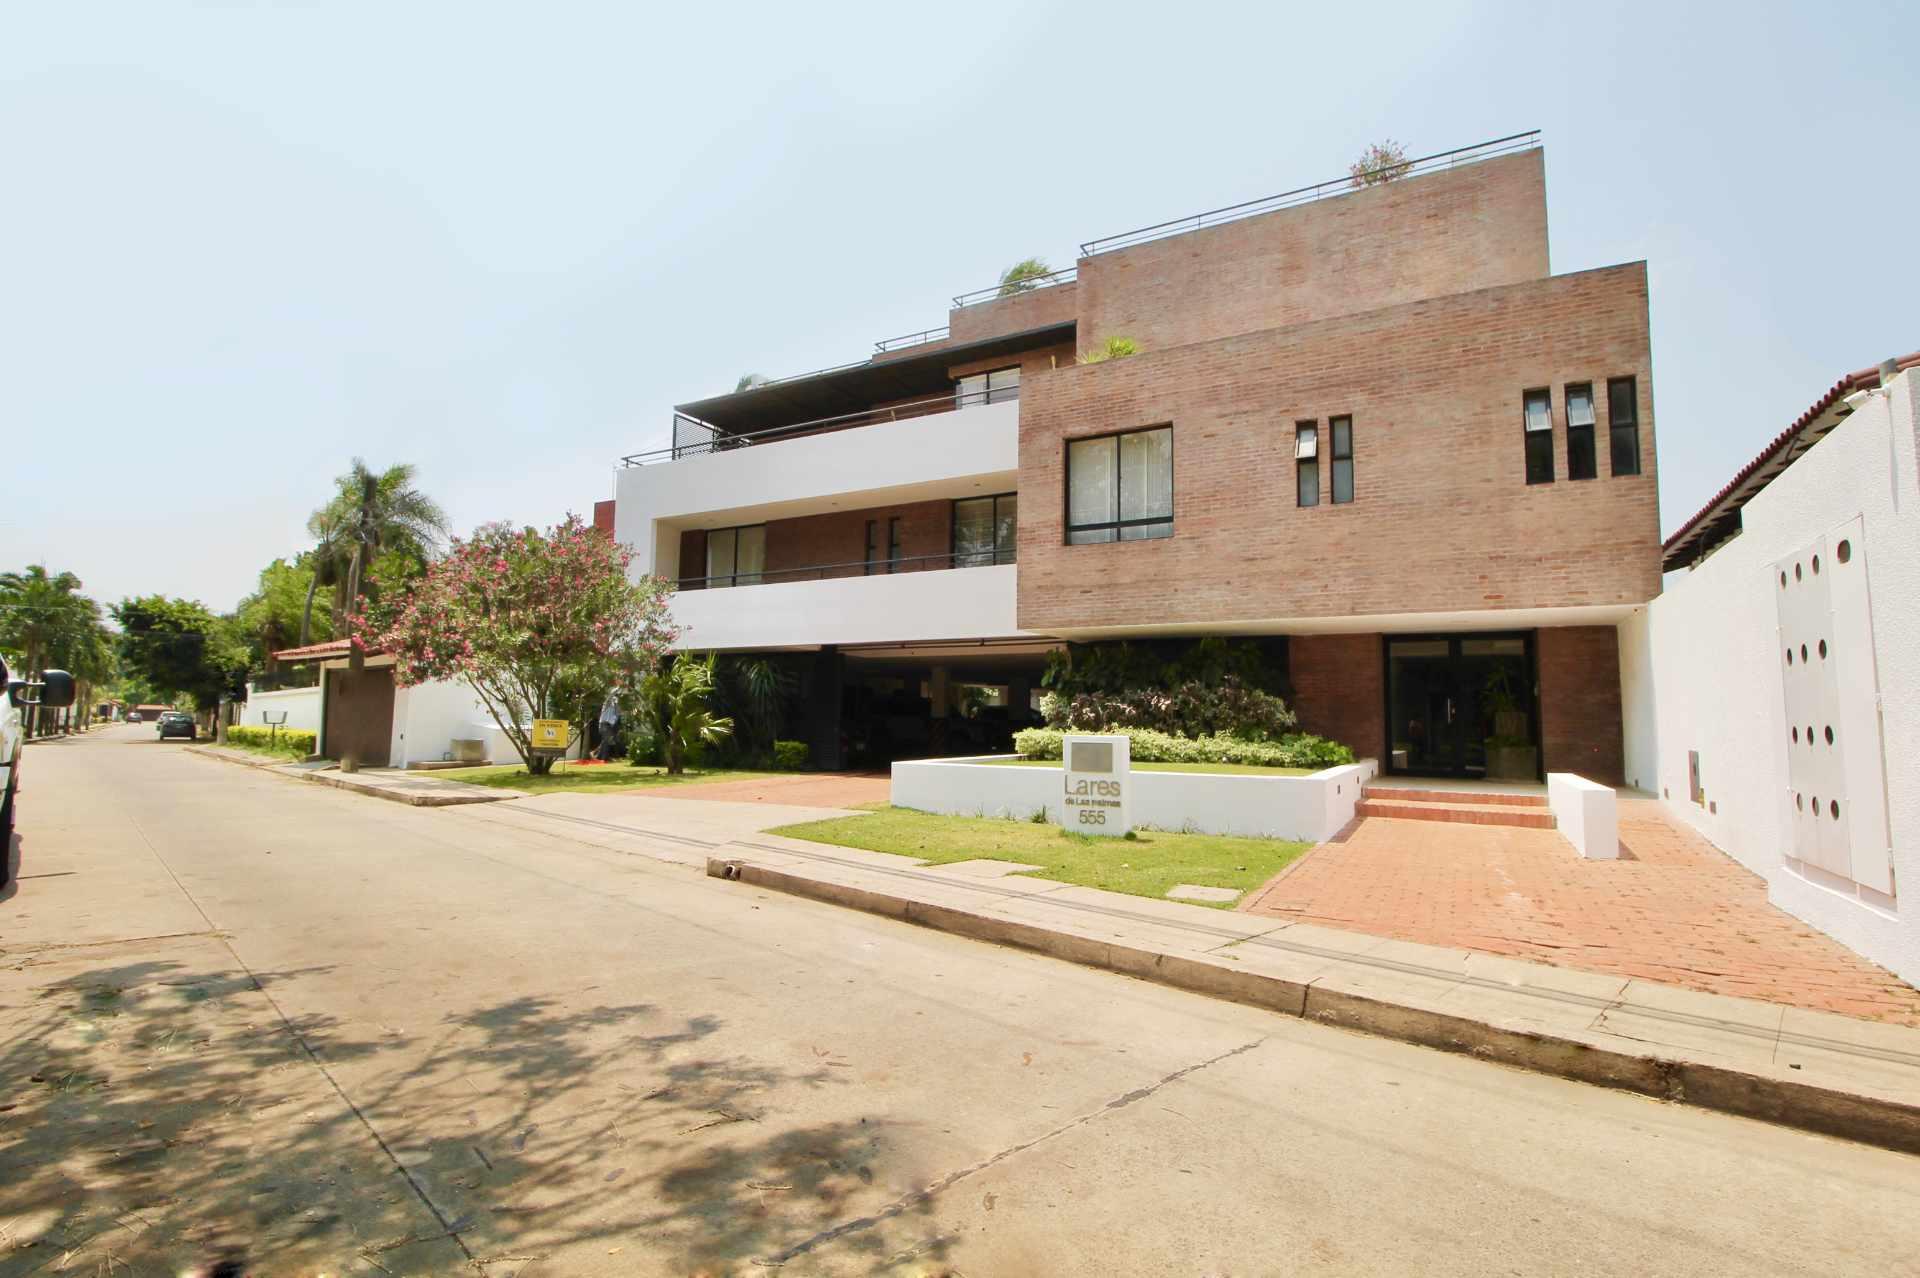 Departamento en Venta Departamento en venta, Cond. Lares de Las Palmas  Foto 1